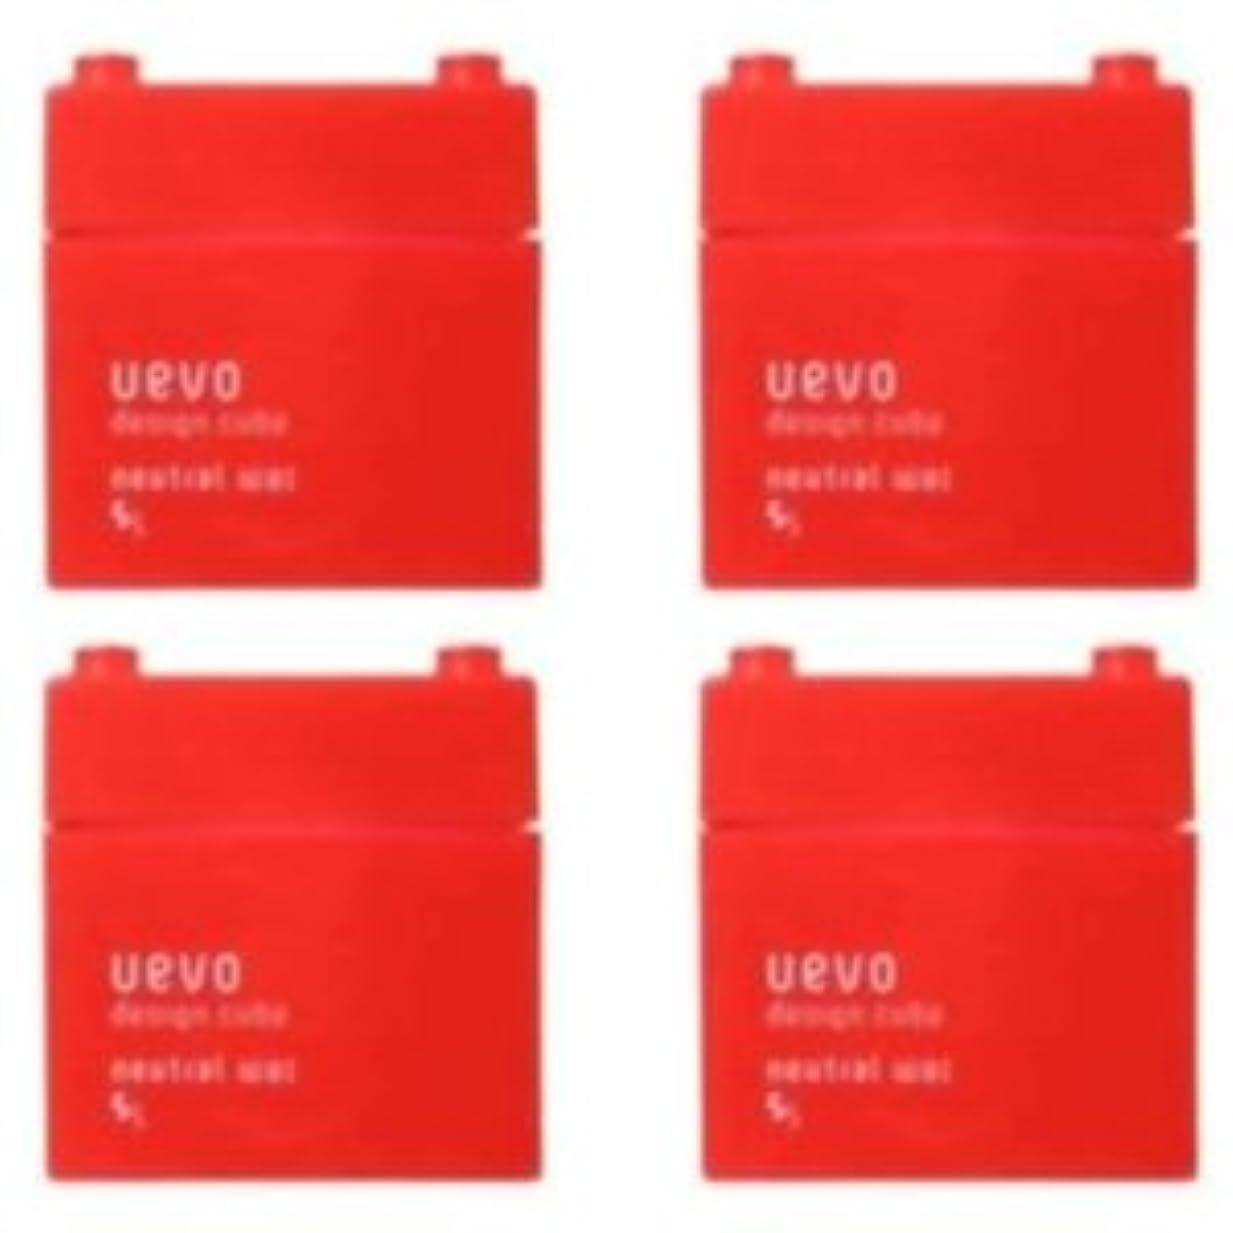 ウィンク数学者ソーダ水【X4個セット】 デミ ウェーボ デザインキューブ ニュートラルワックス 80g neutral wax DEMI uevo design cube